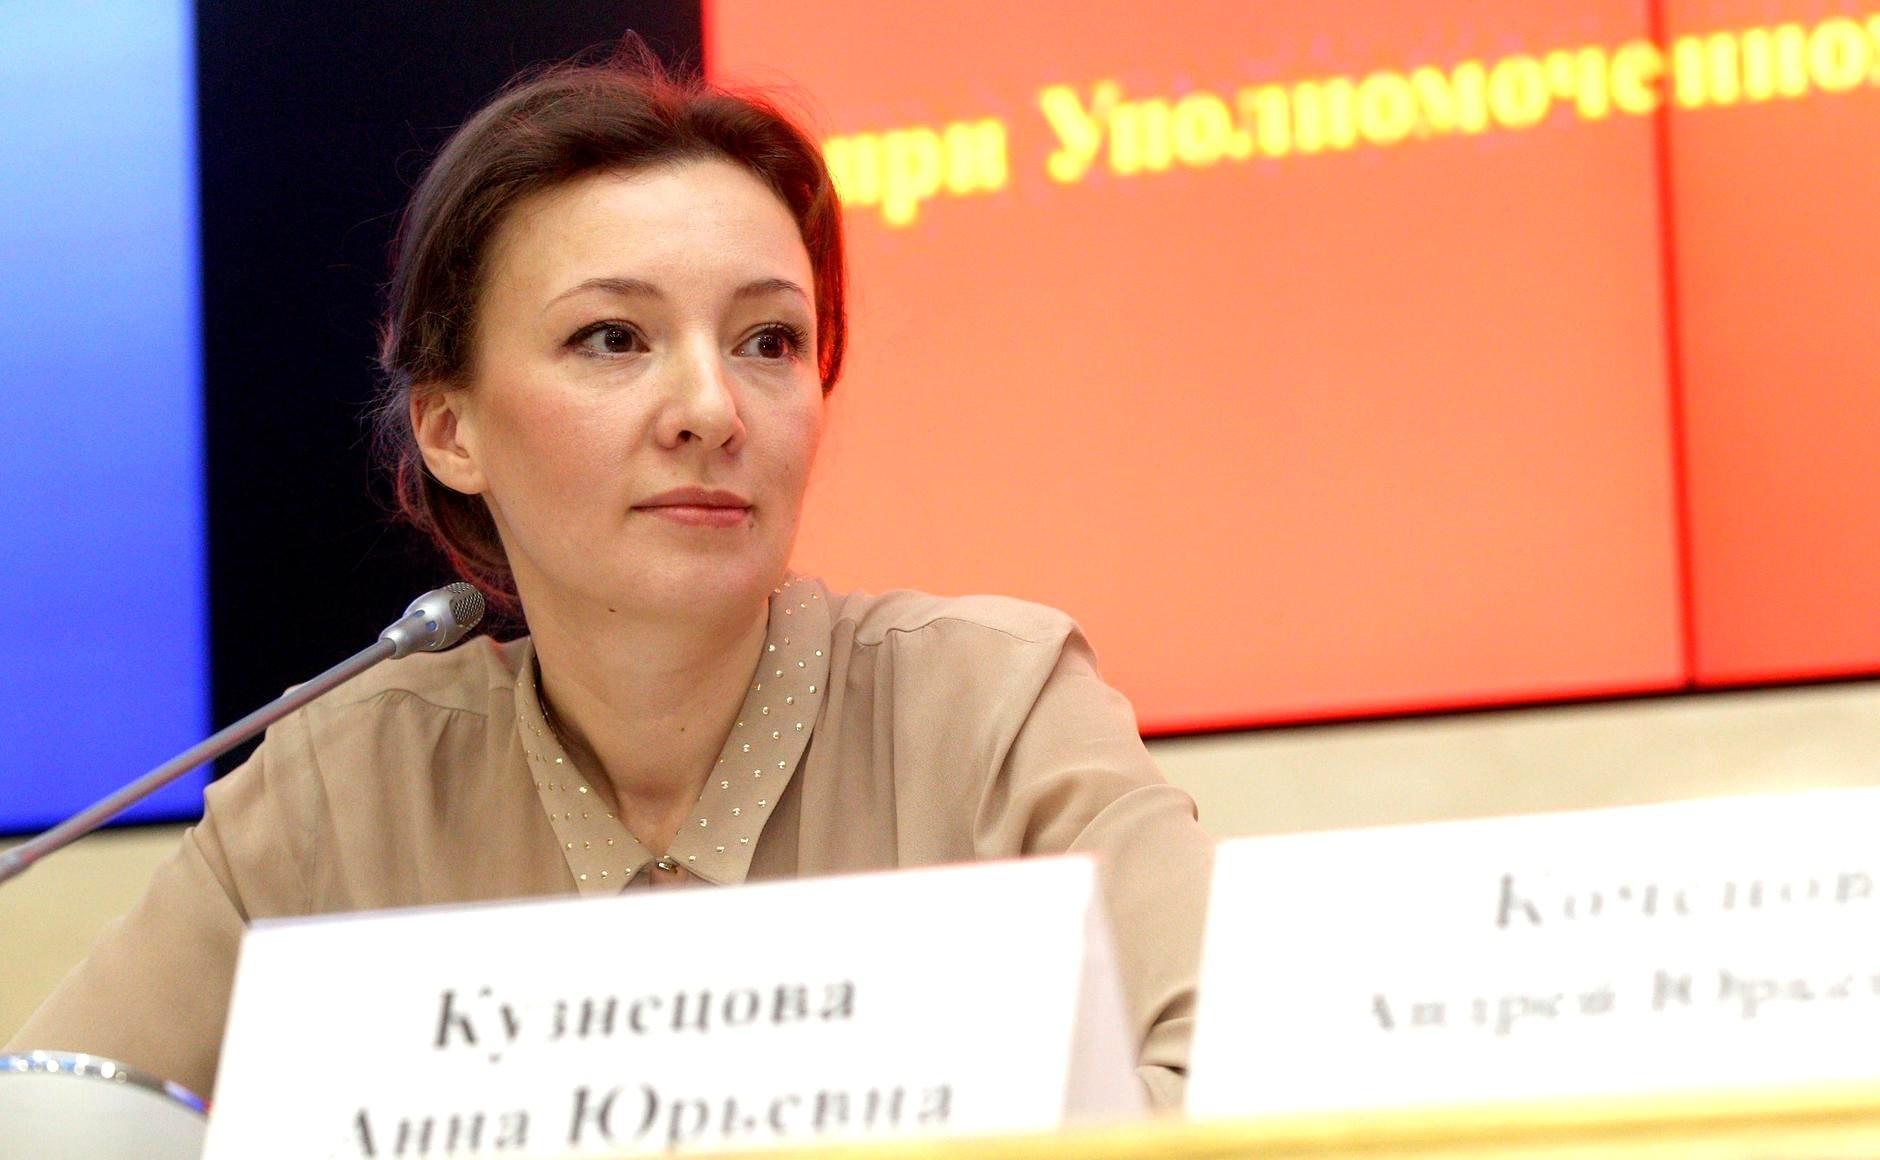 Кузнецова предложила взять педофилов под пожизненный административный контроль